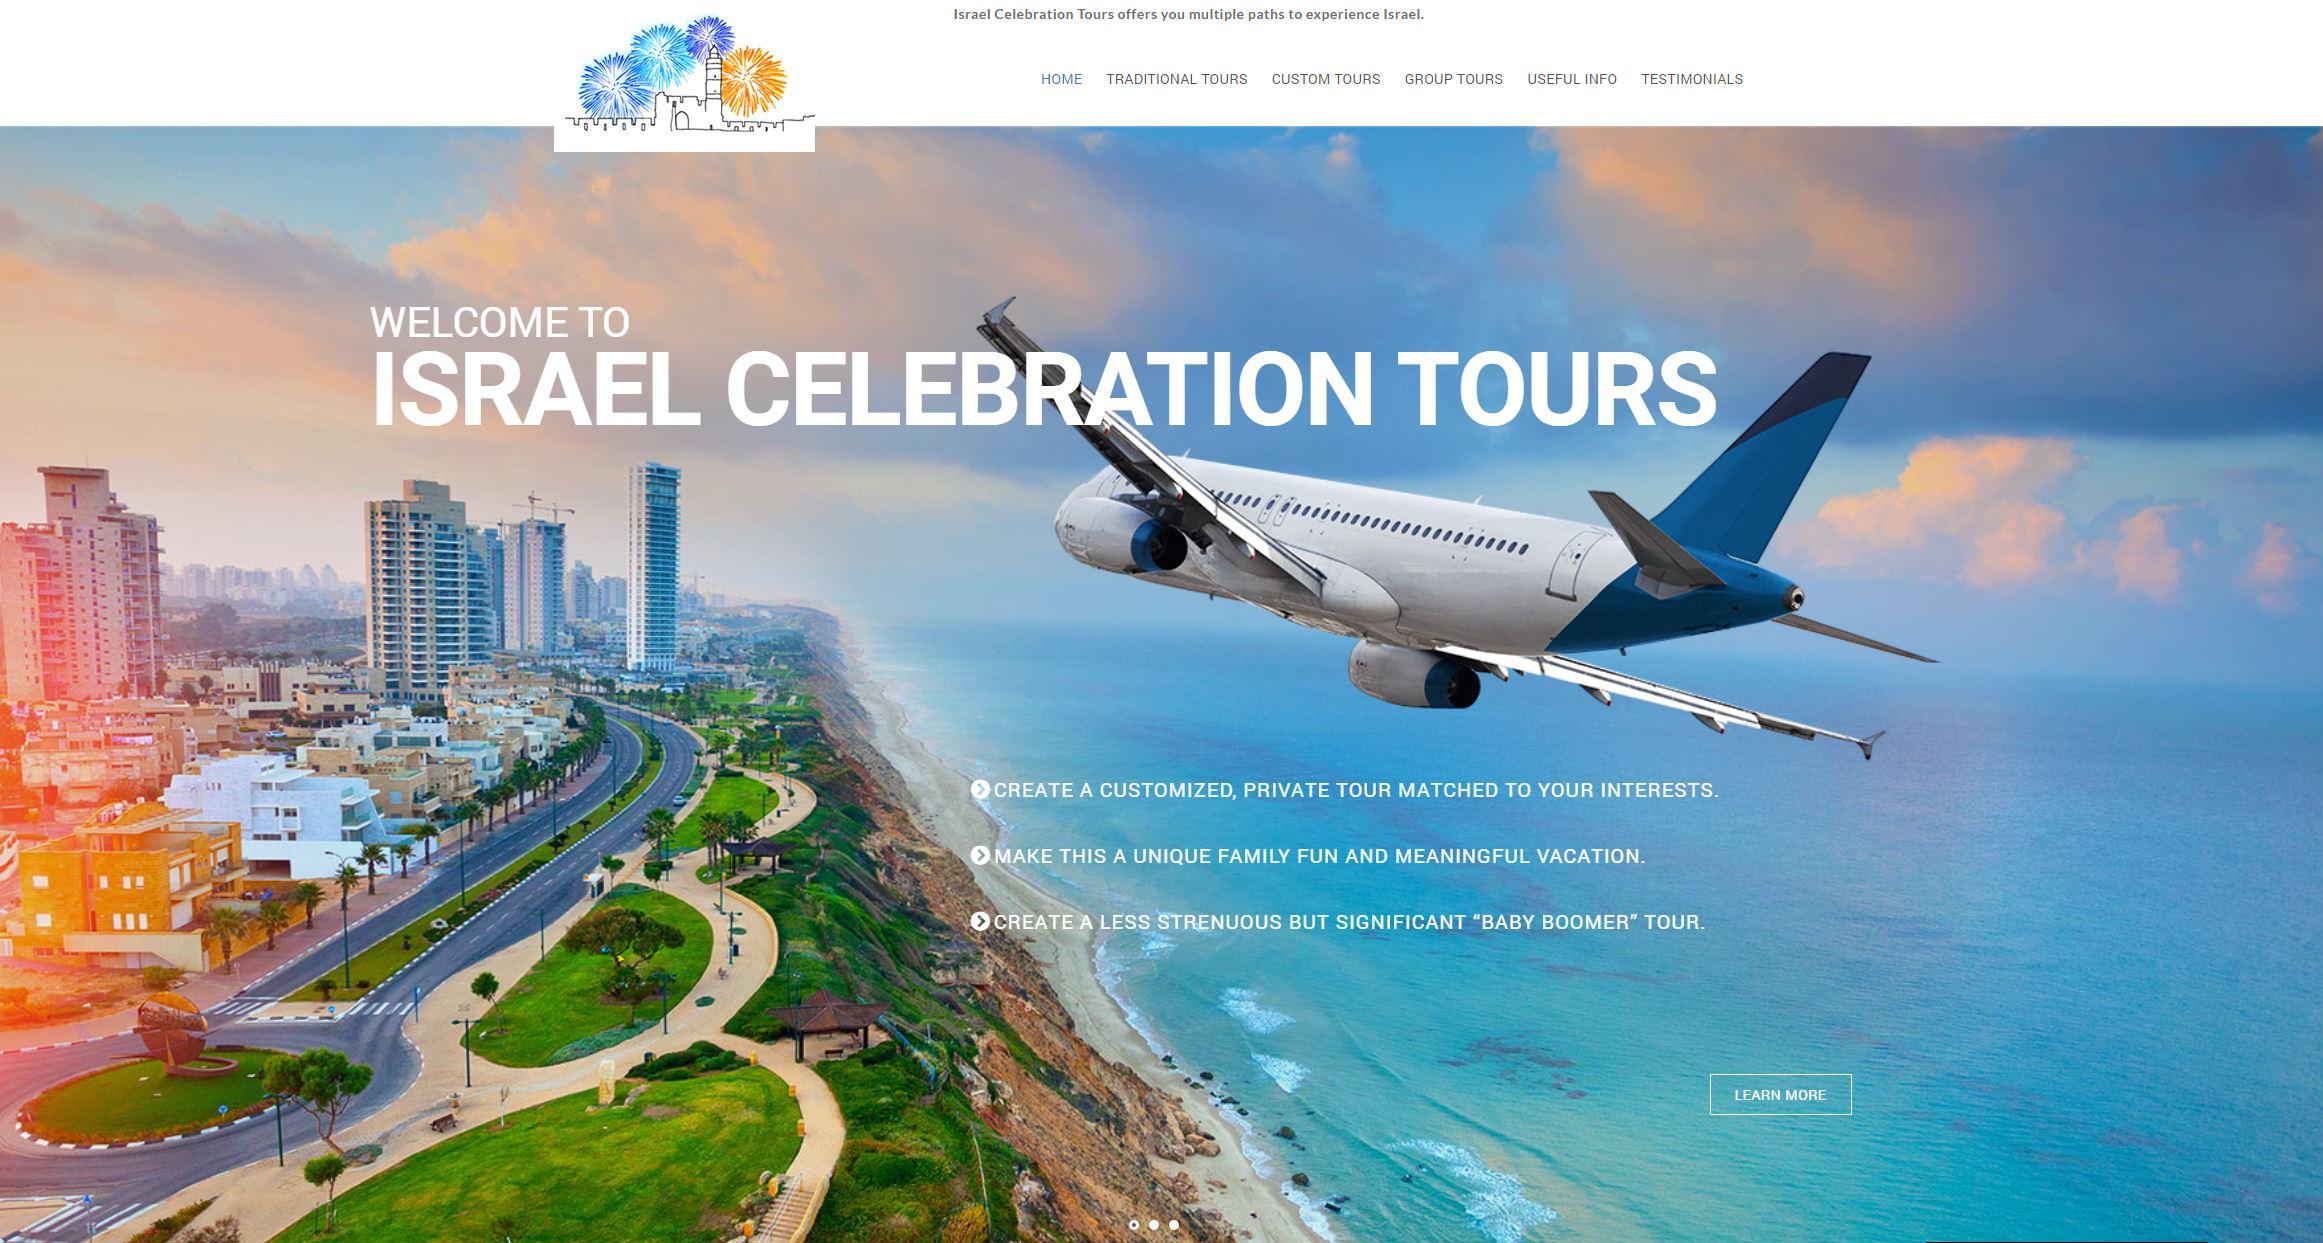 Israel Celebration Tours website